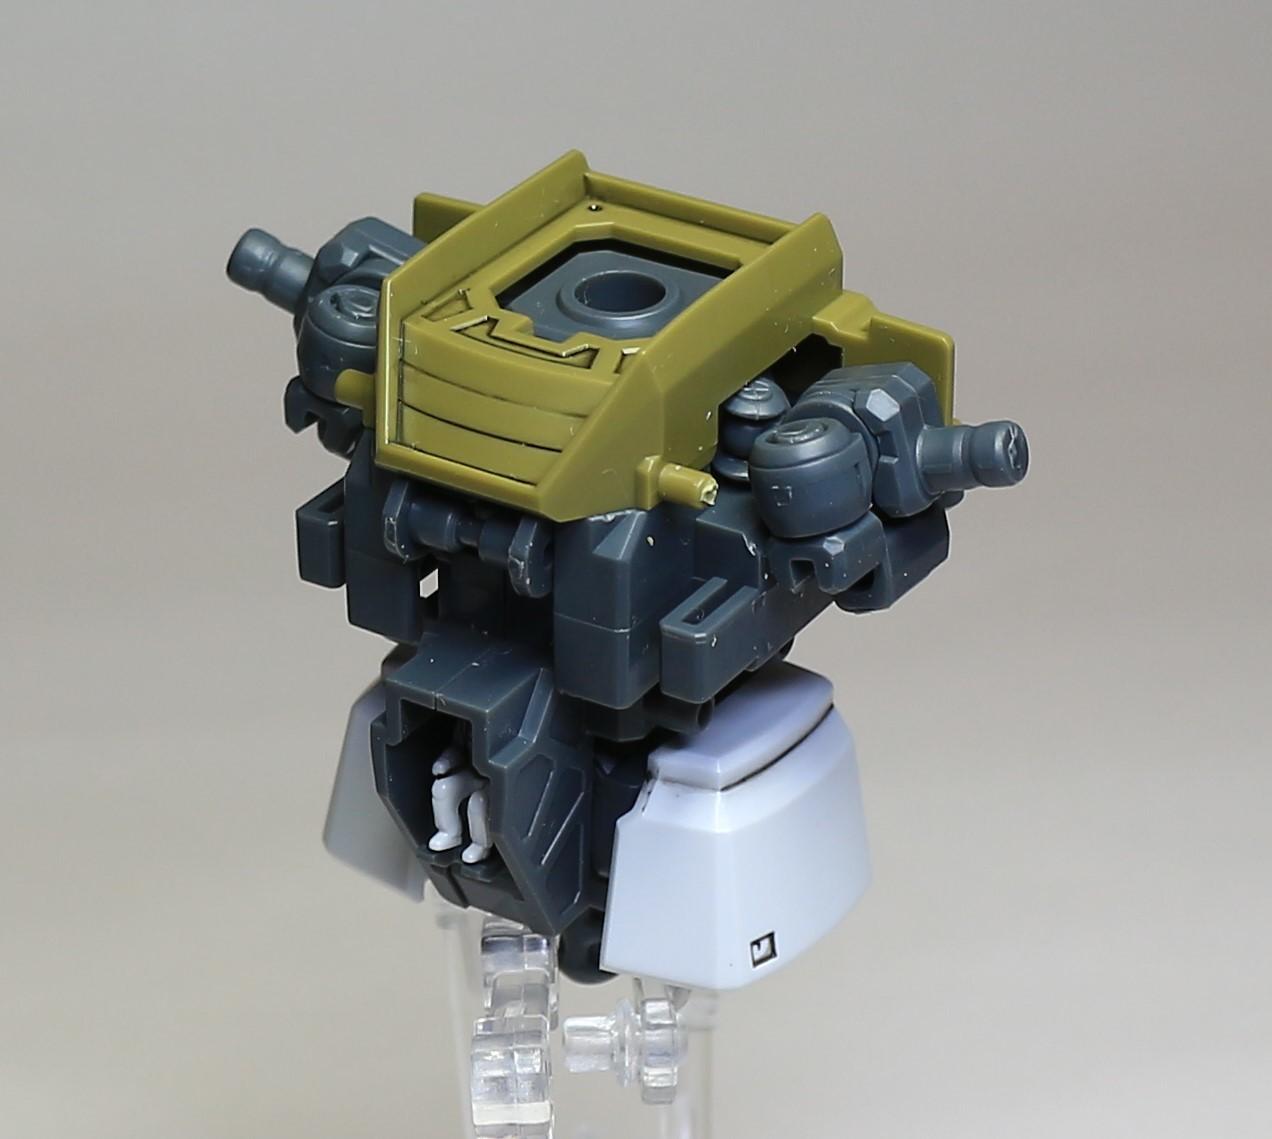 MG-GM_SNIPER_CUSTOM-29.jpg